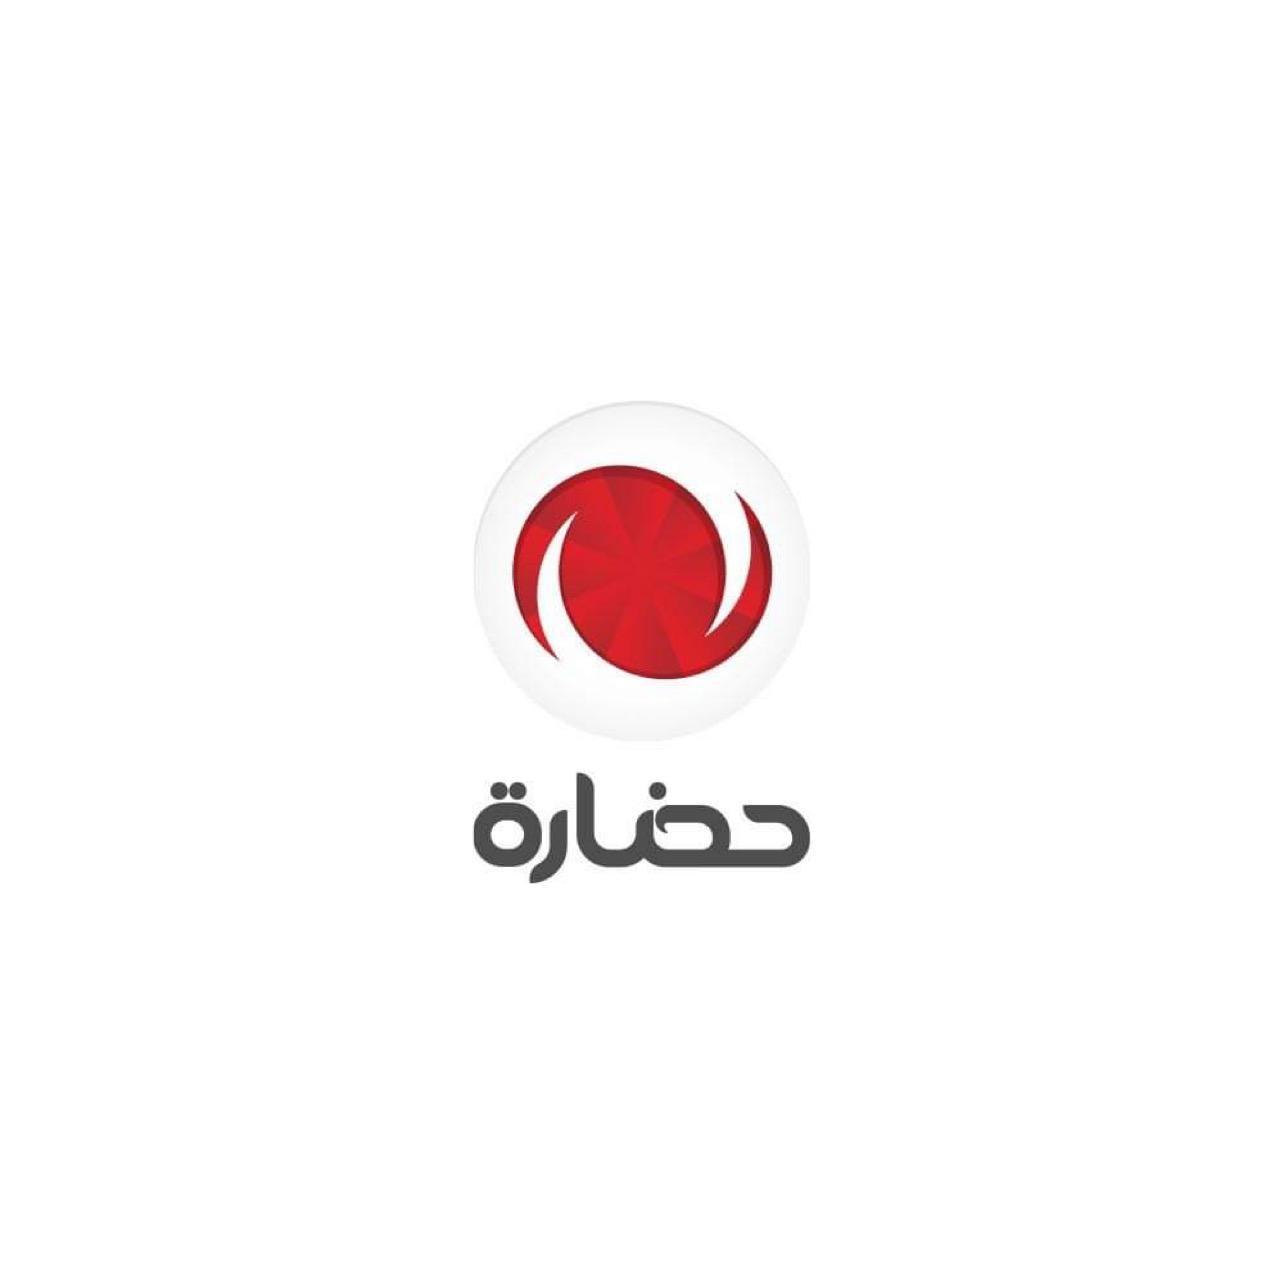 شركة حضارة تعلن عن بدء العمل على تقنية الألياف الضوئية  FTTHضمن سرعات عالية تصل إلى 1000 ميجا وبأسعار منافسة في متناول الأسرة الفلسطينية